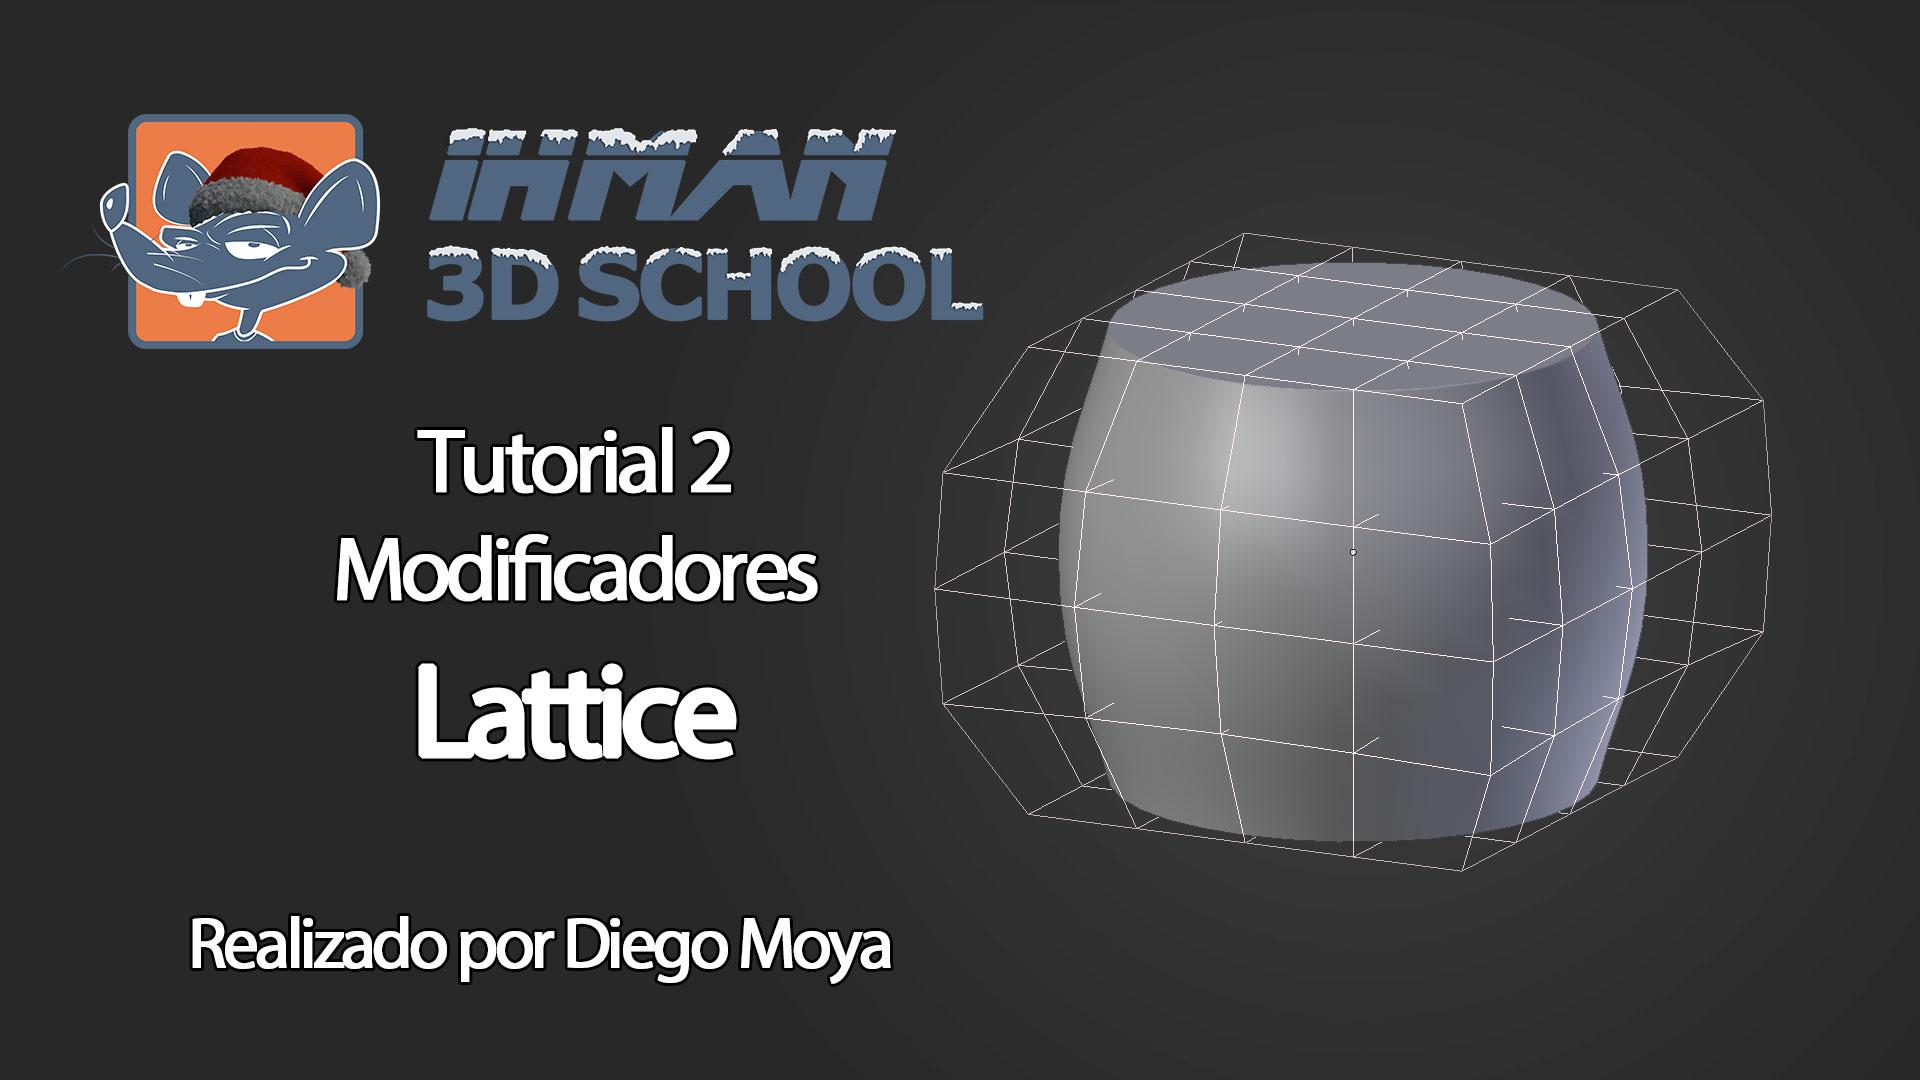 Presentación ihman 3d school-cabecera_lattice.jpg